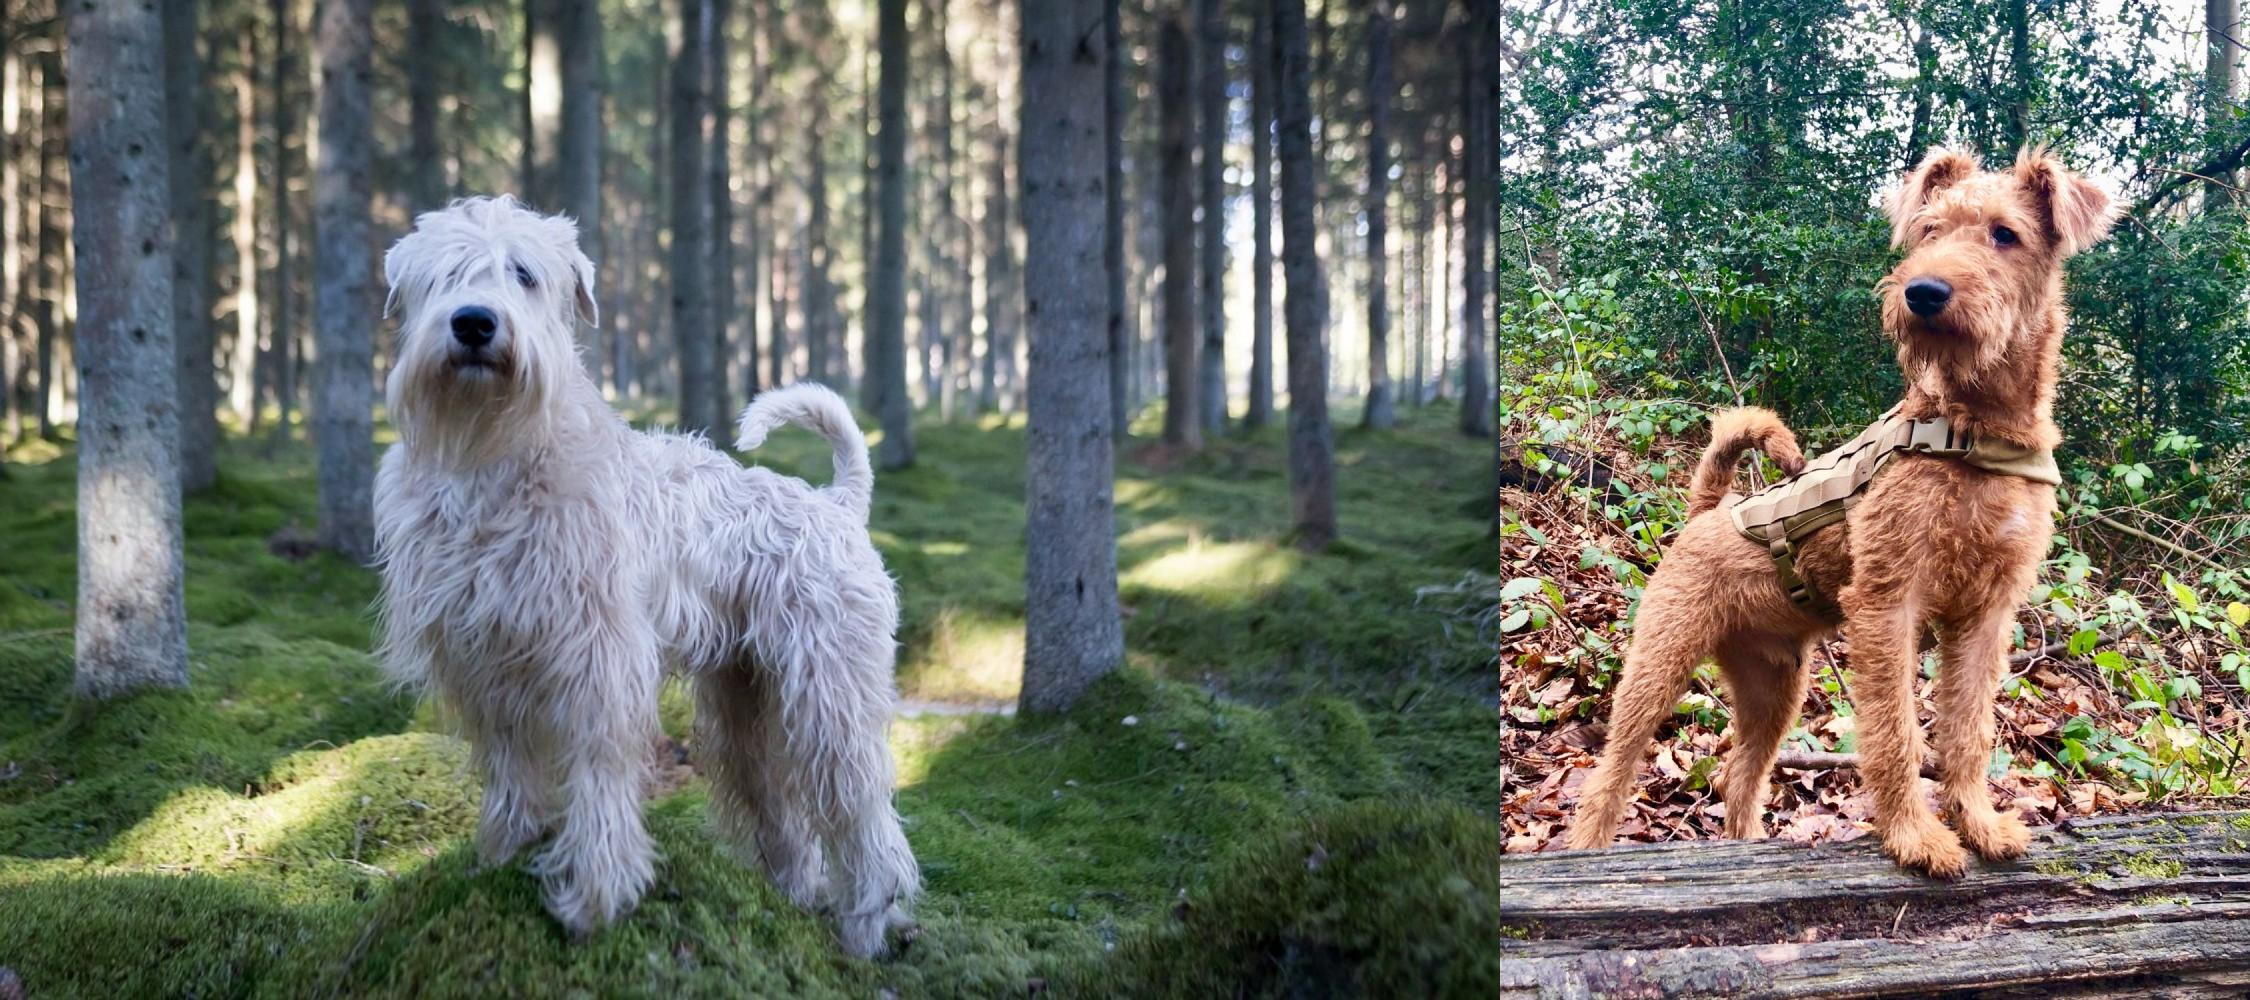 Soft Coated Wheaten Terrier Vs Irish